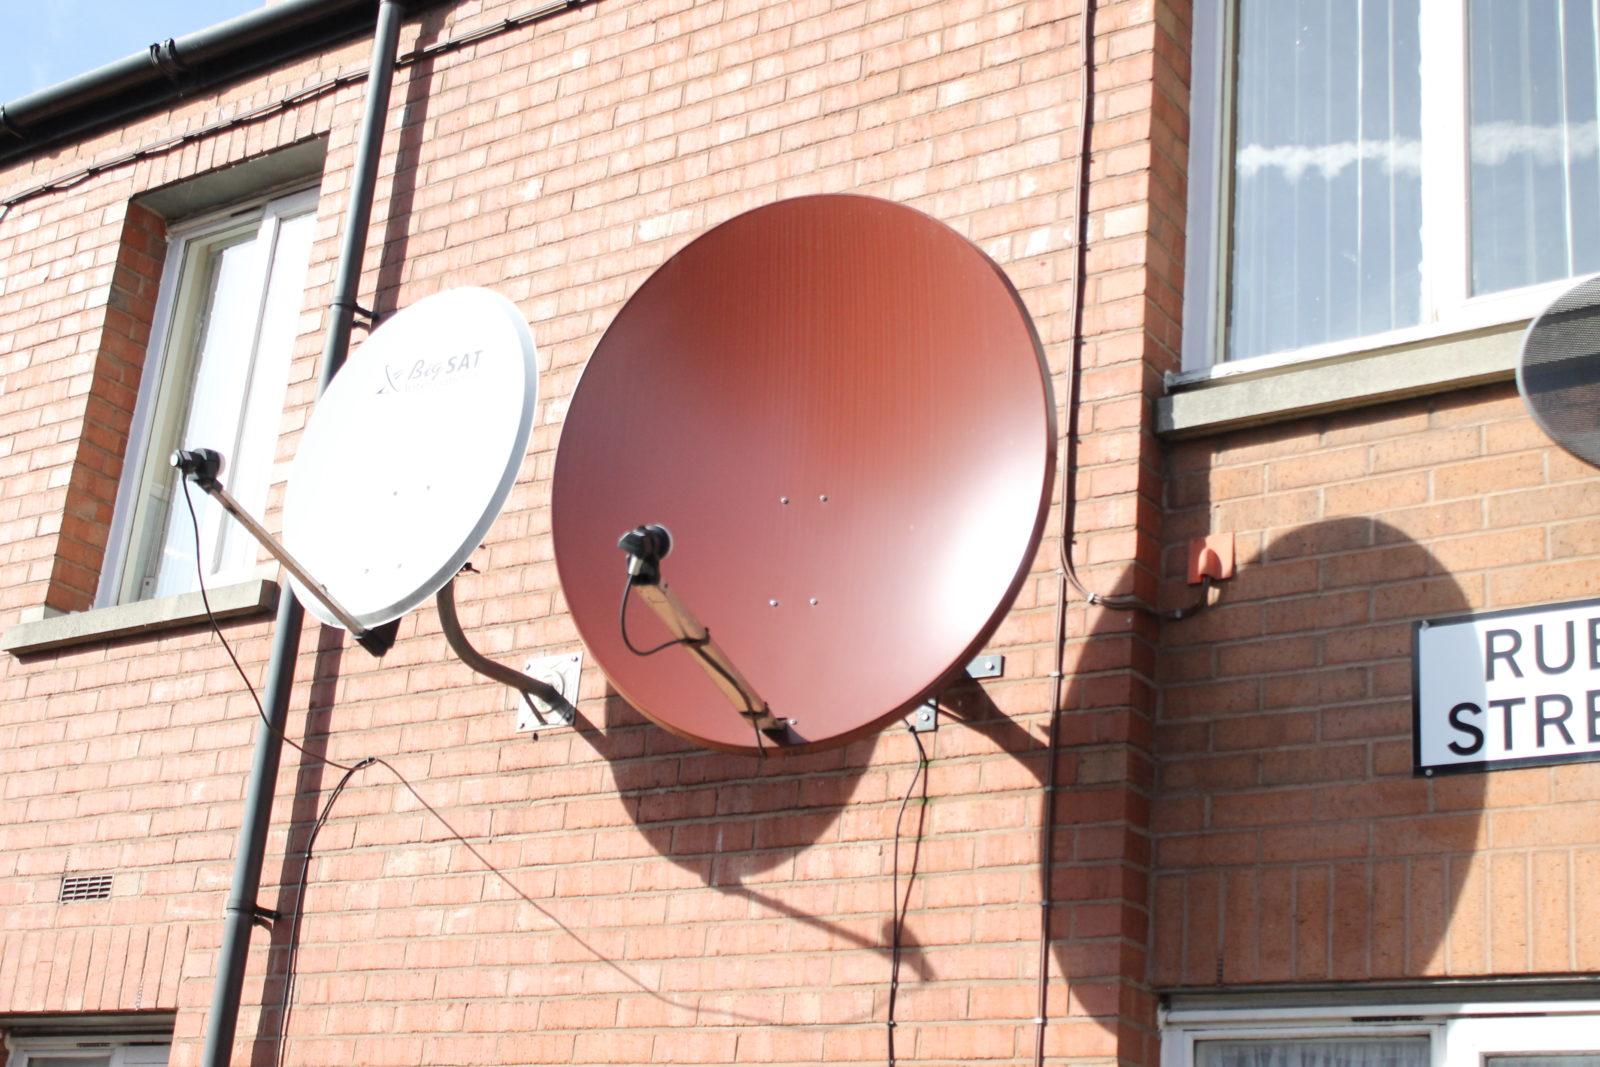 35614 || 5466 || Satellites